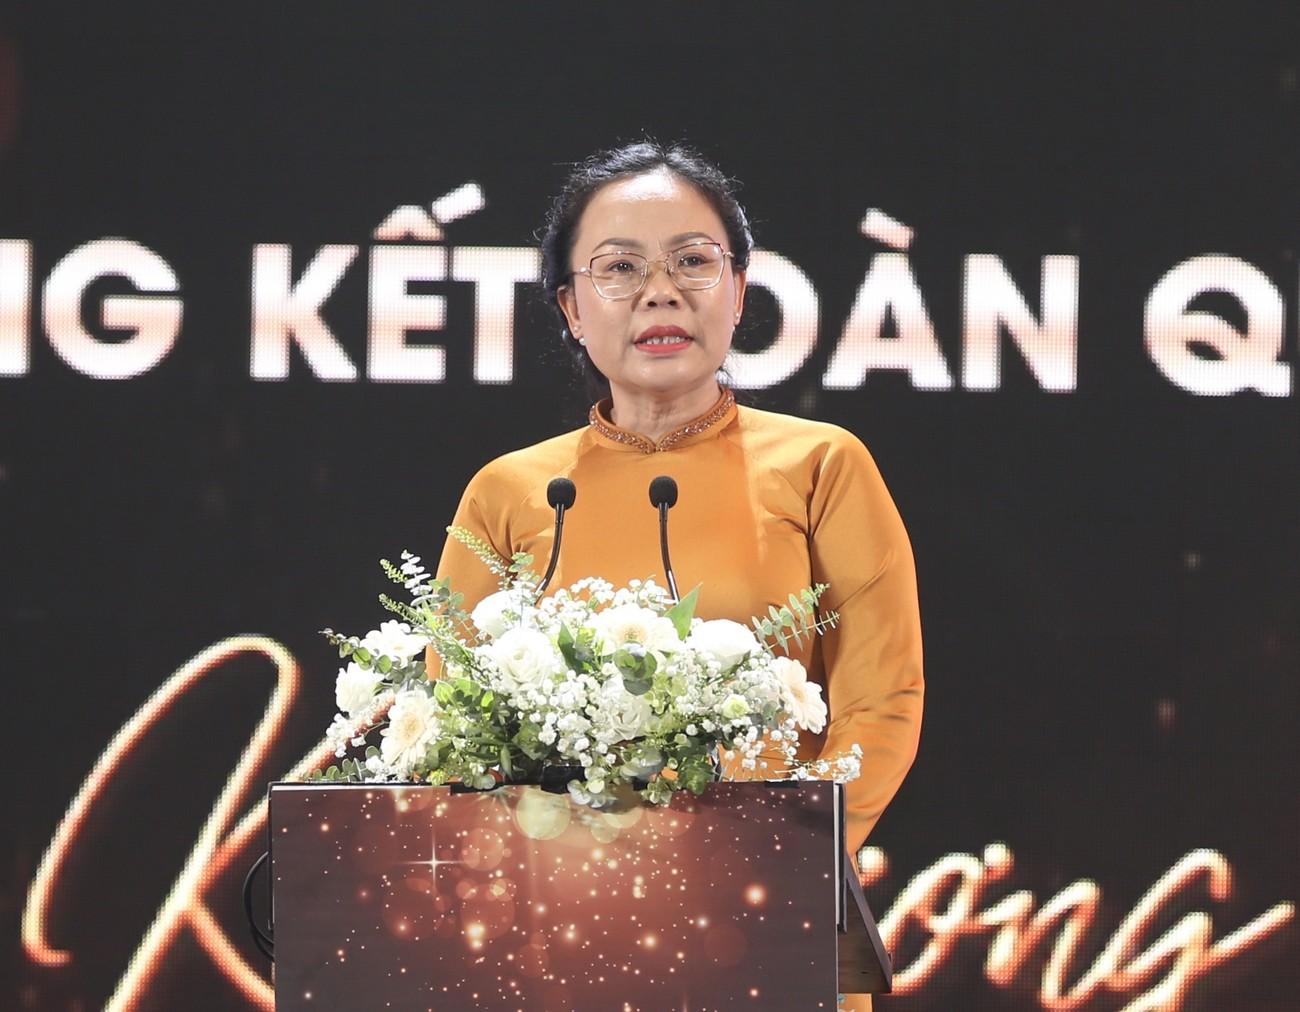 Những vật phẩm đăng quang độc đáo của tân Hoa hậu Việt Nam 2020 ảnh 7